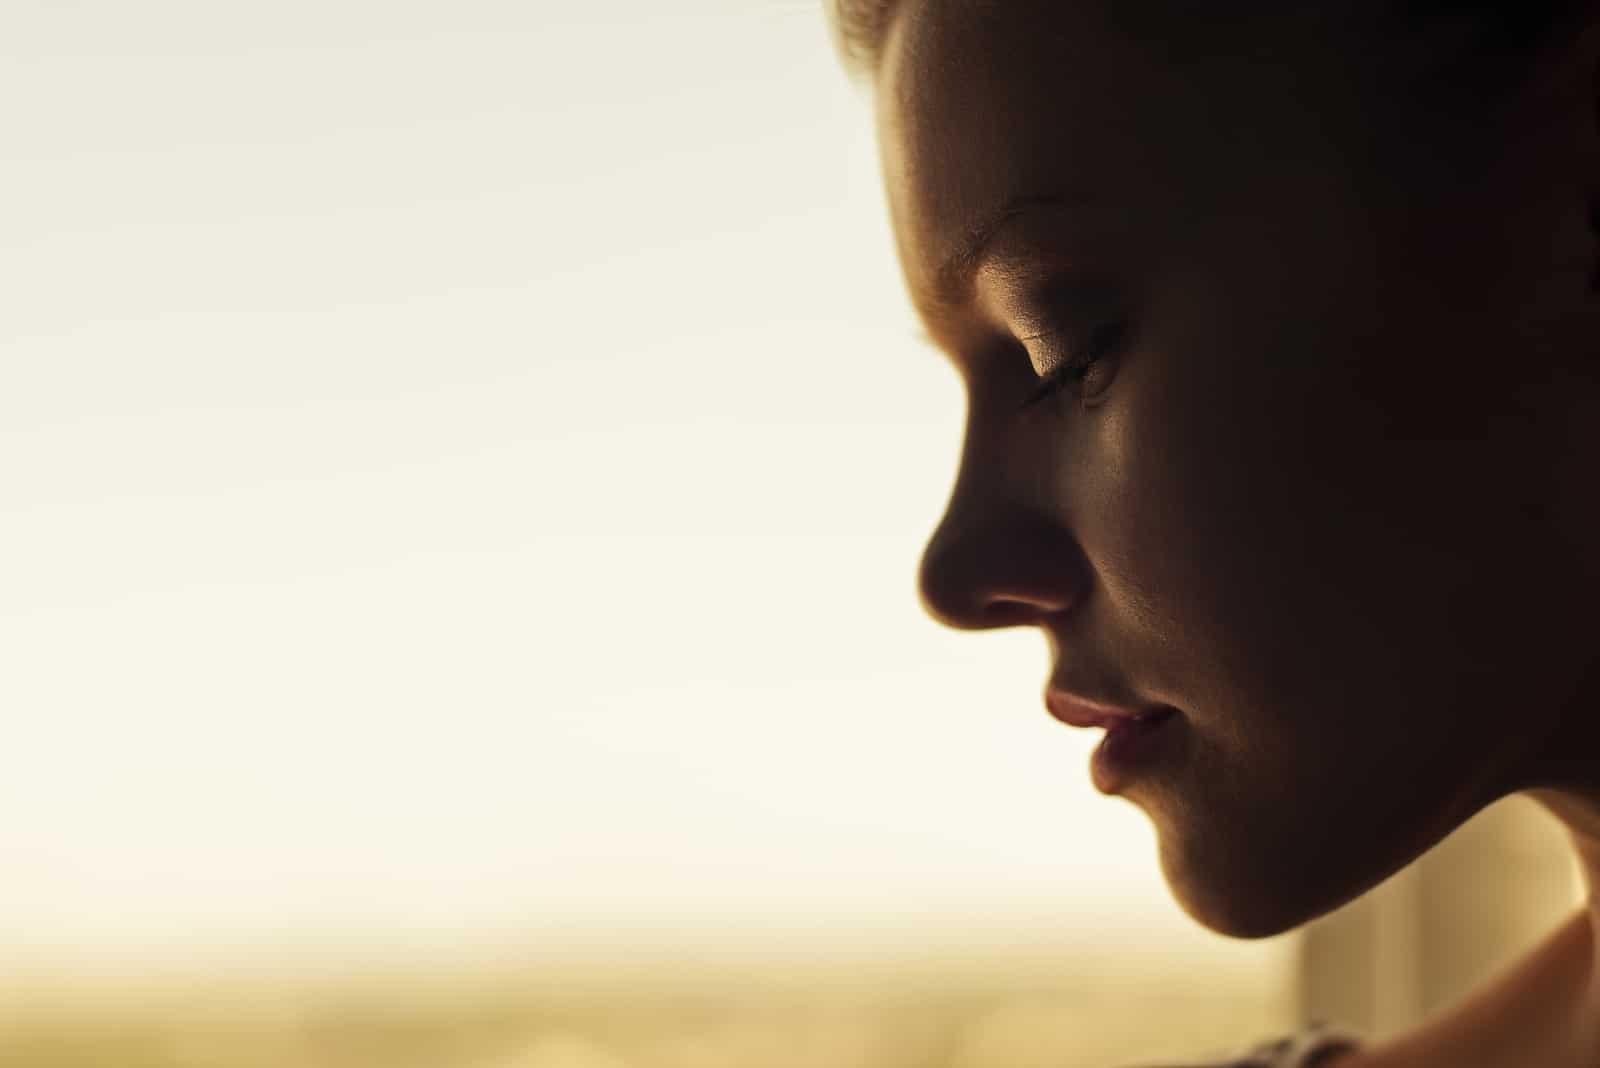 nachdenkliches Porträt eines schönen Mädchens